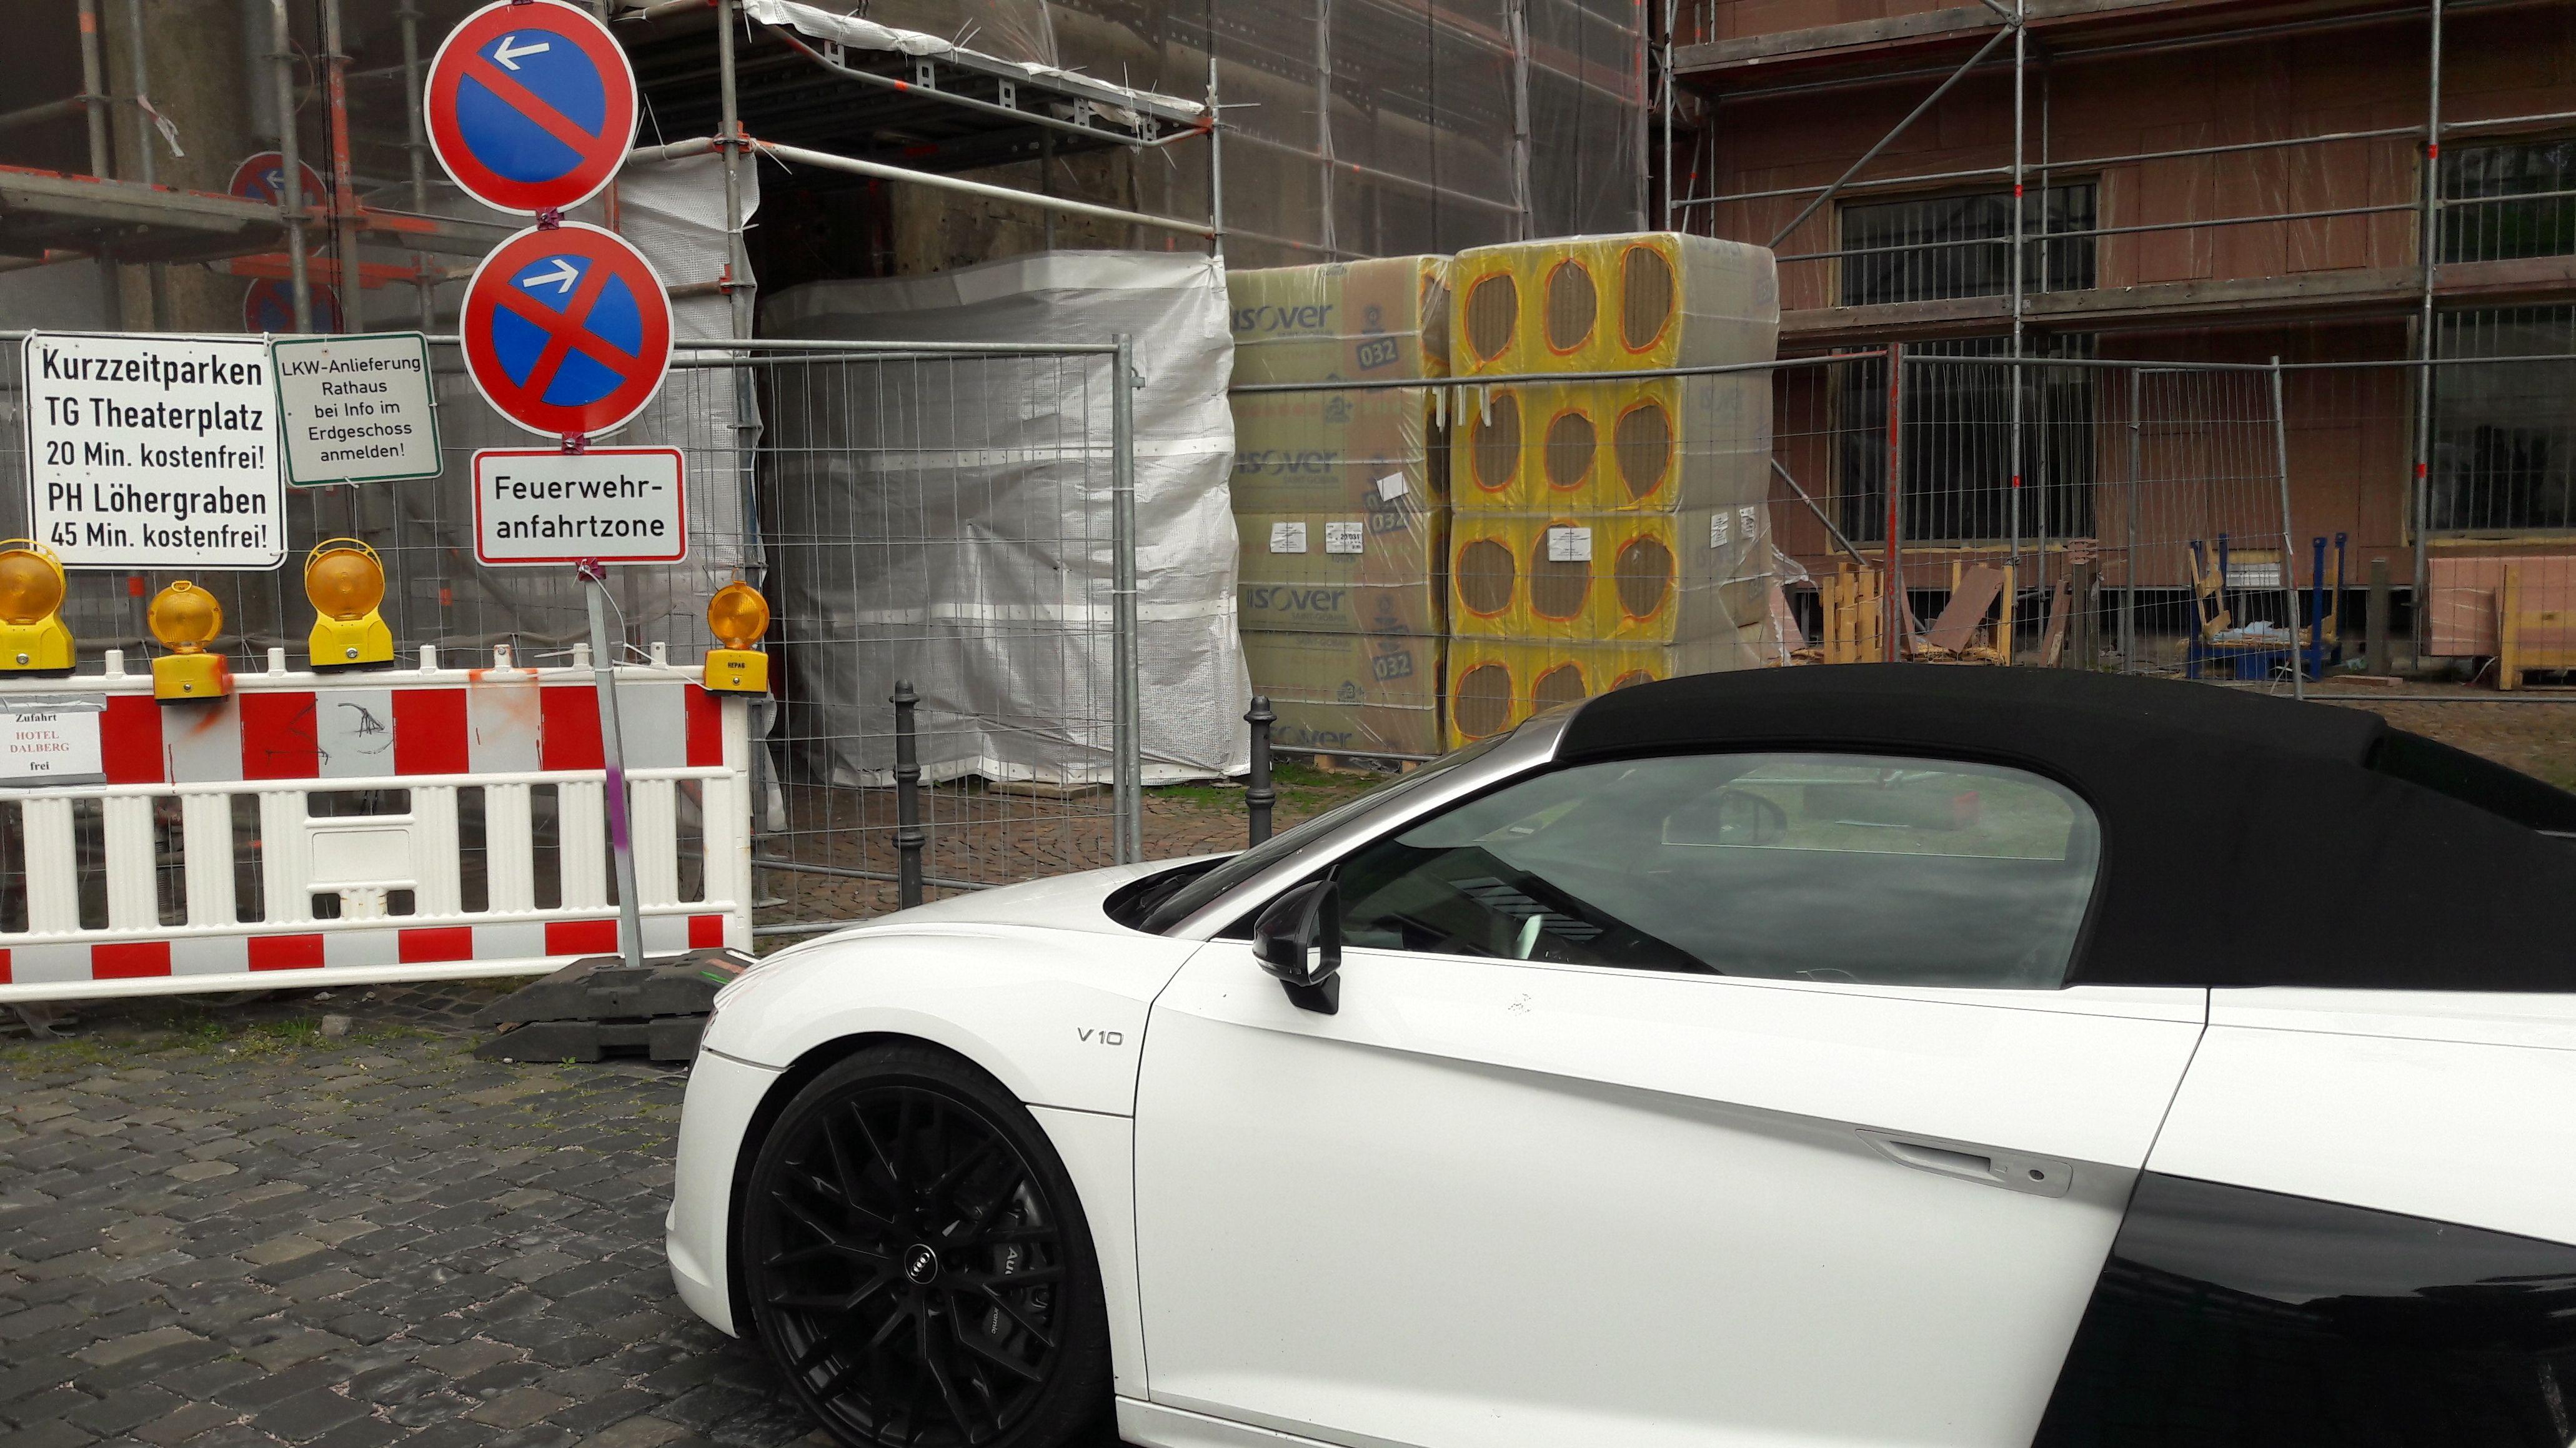 Sportwagen steht im absoluten Halteverbot in einer Feuerwehranfahrtzone